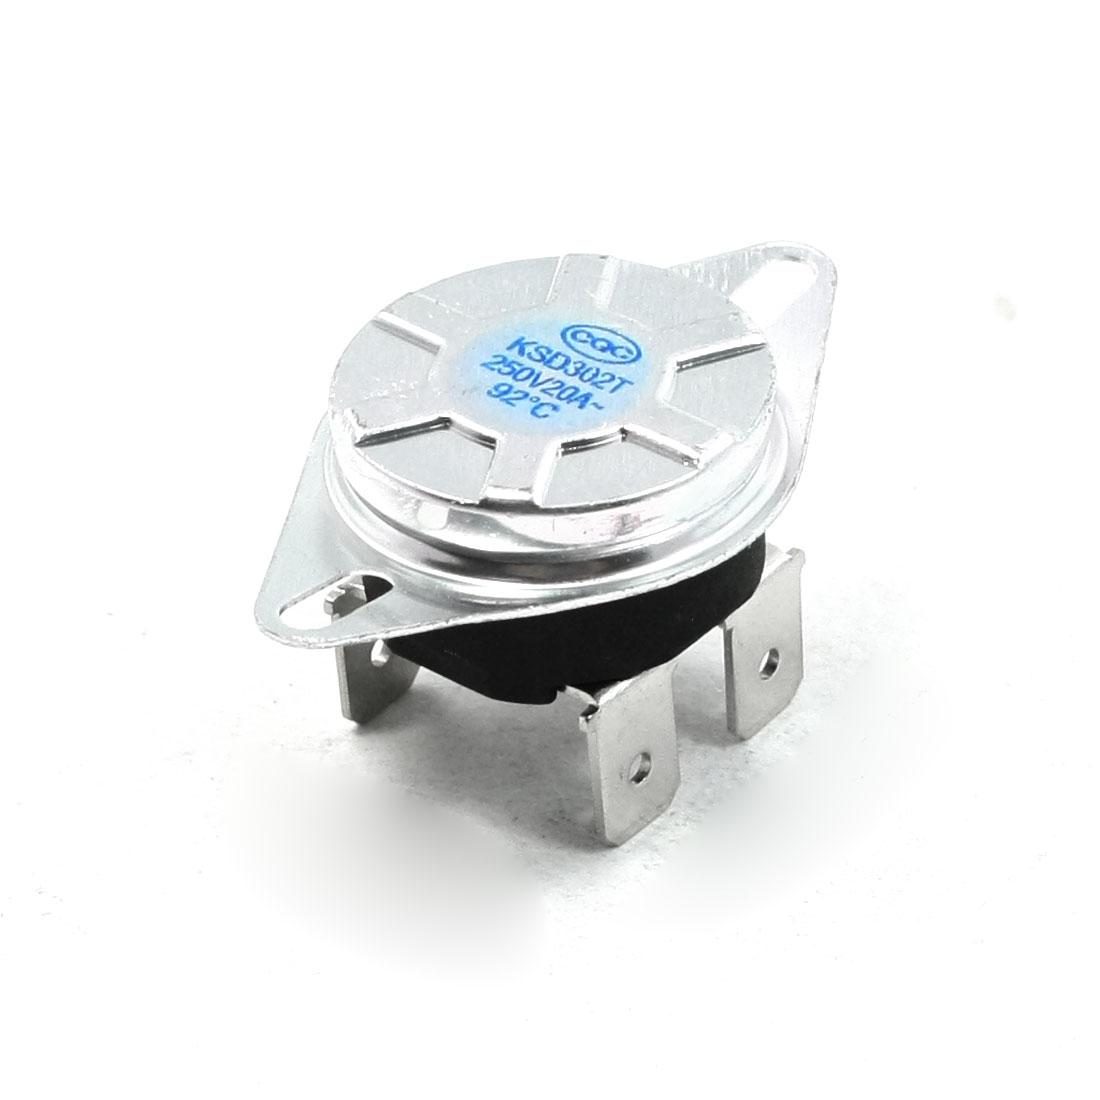 92 Celsius NC. KSD302T Model Temperature Controller Thermostat AC 250V 20A